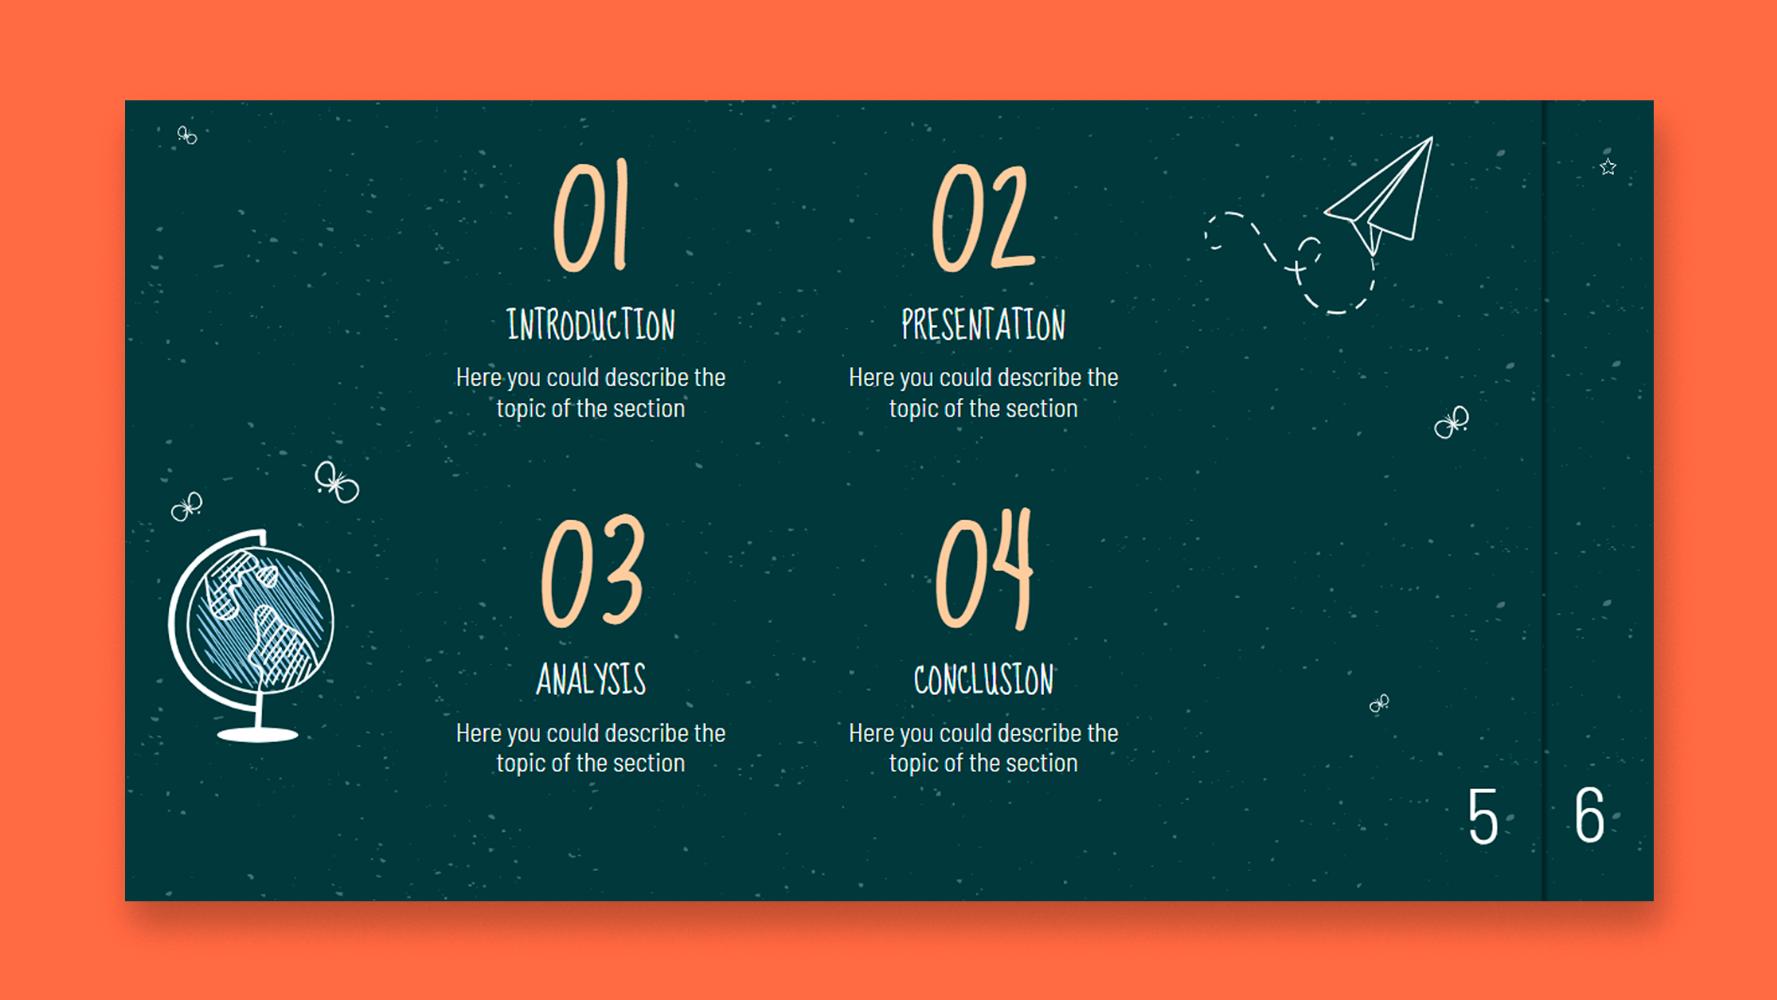 نحوه اضافه کردن شماره صفحه در پاورپوینت |  نکات سریع و آموزش برای ارائه های خود